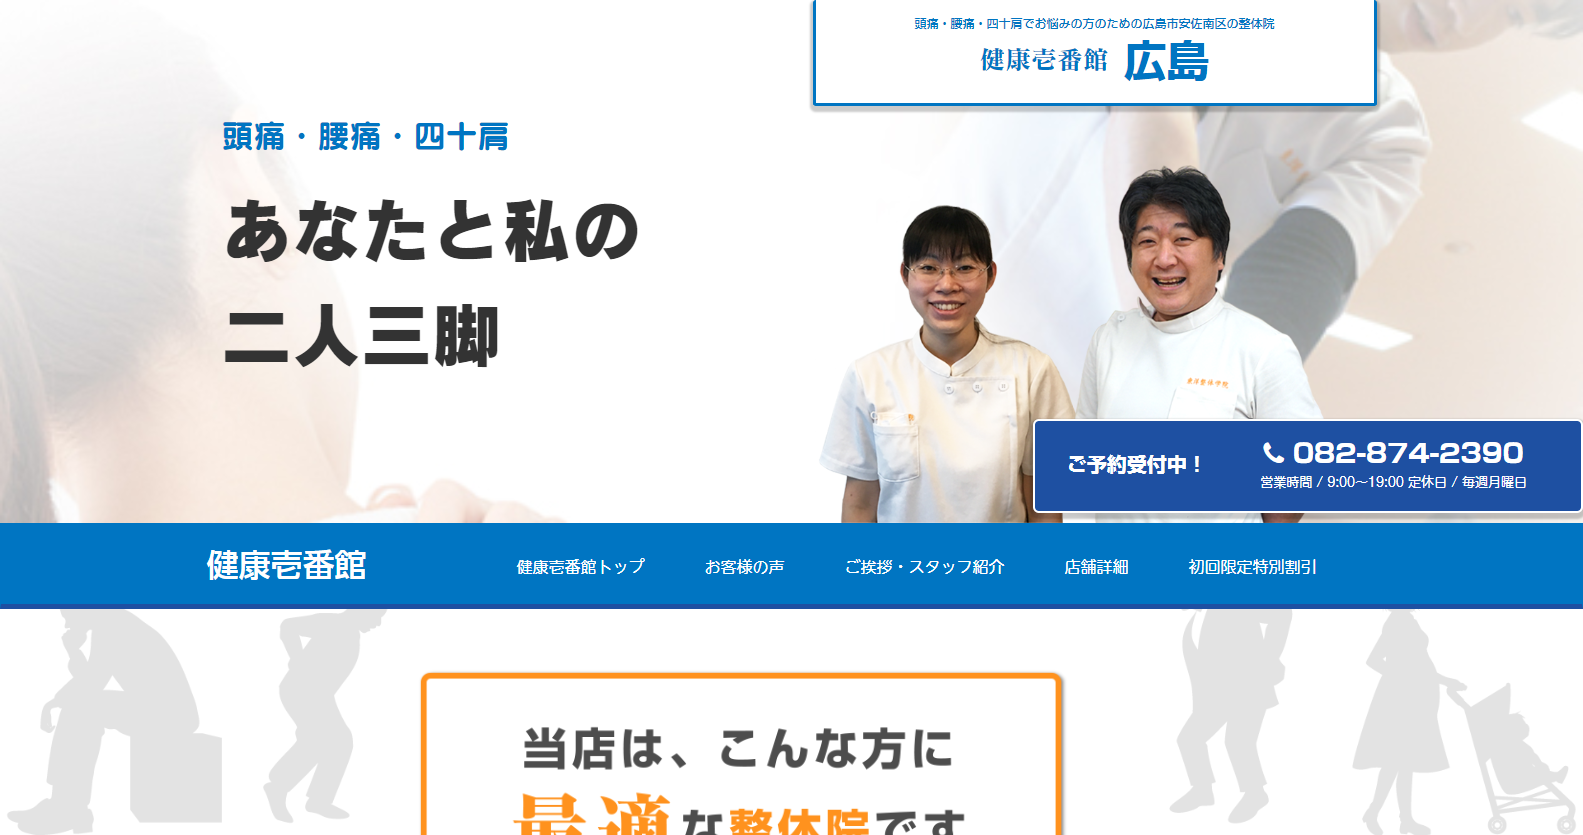 健康壱番館 広島のサムネイル